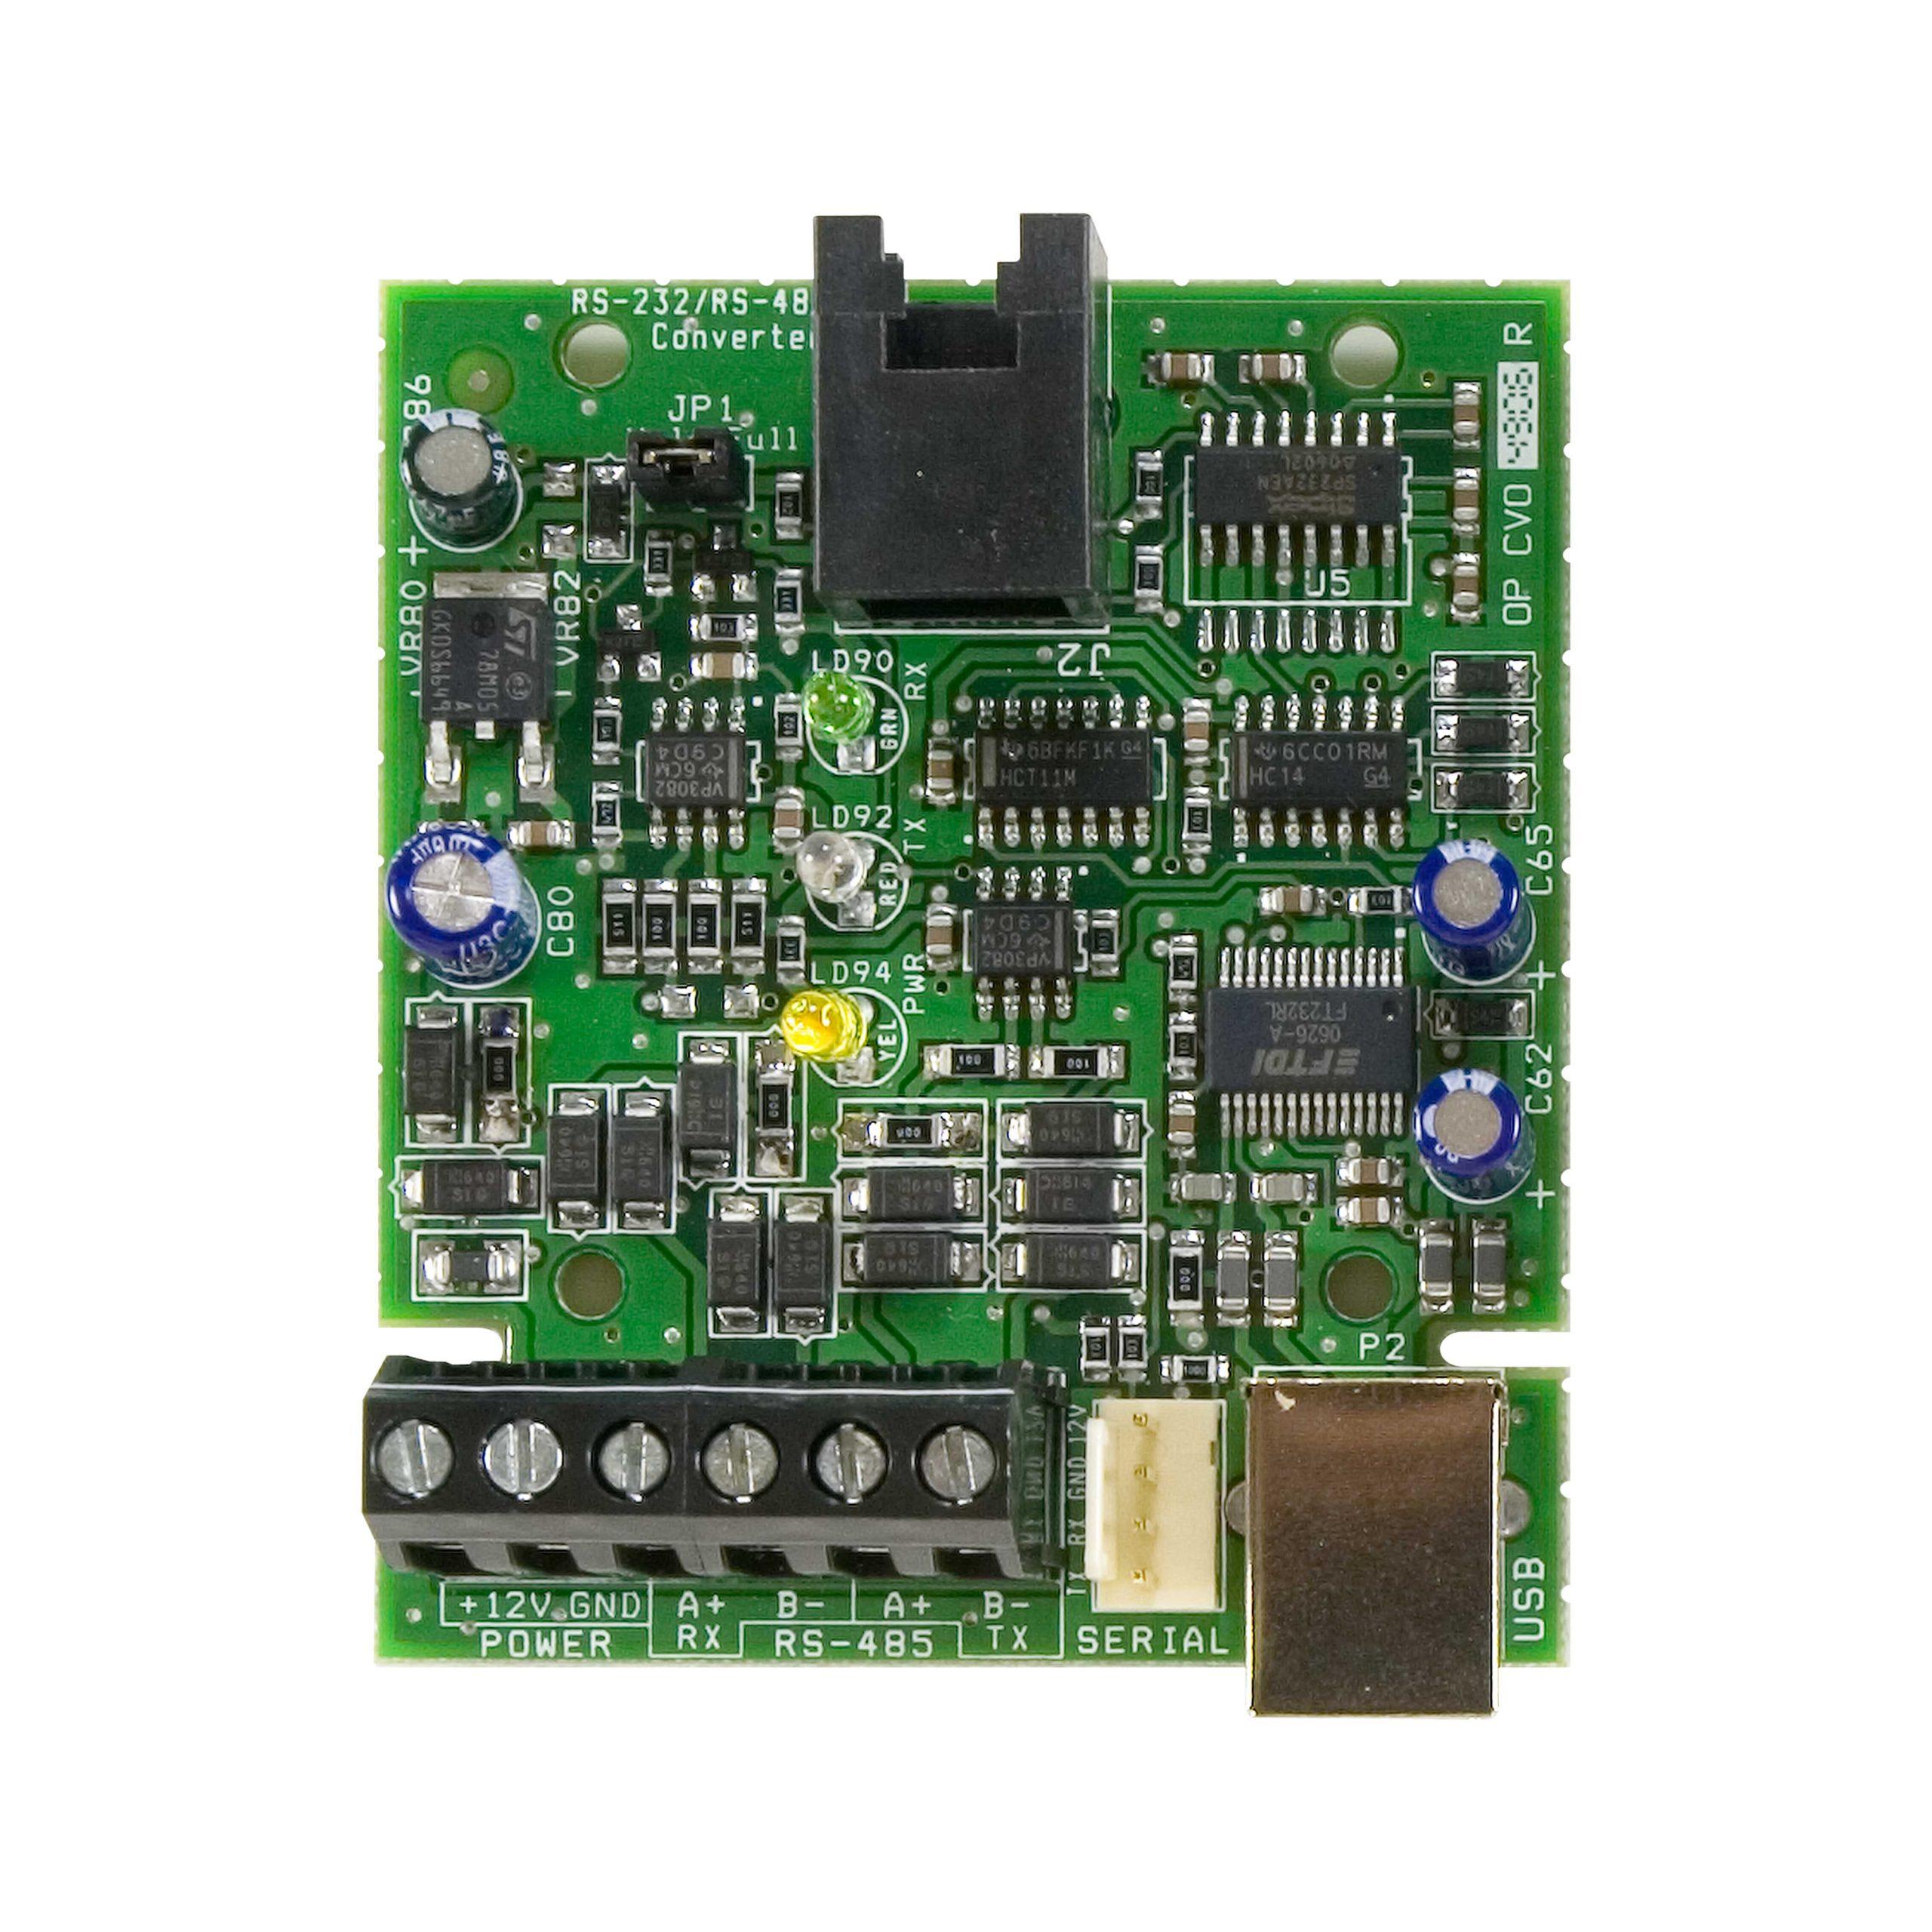 کیت مبدل RS-485 / RS-232مدل CV4USB (قبلاً CONV4USB) پارادوکس